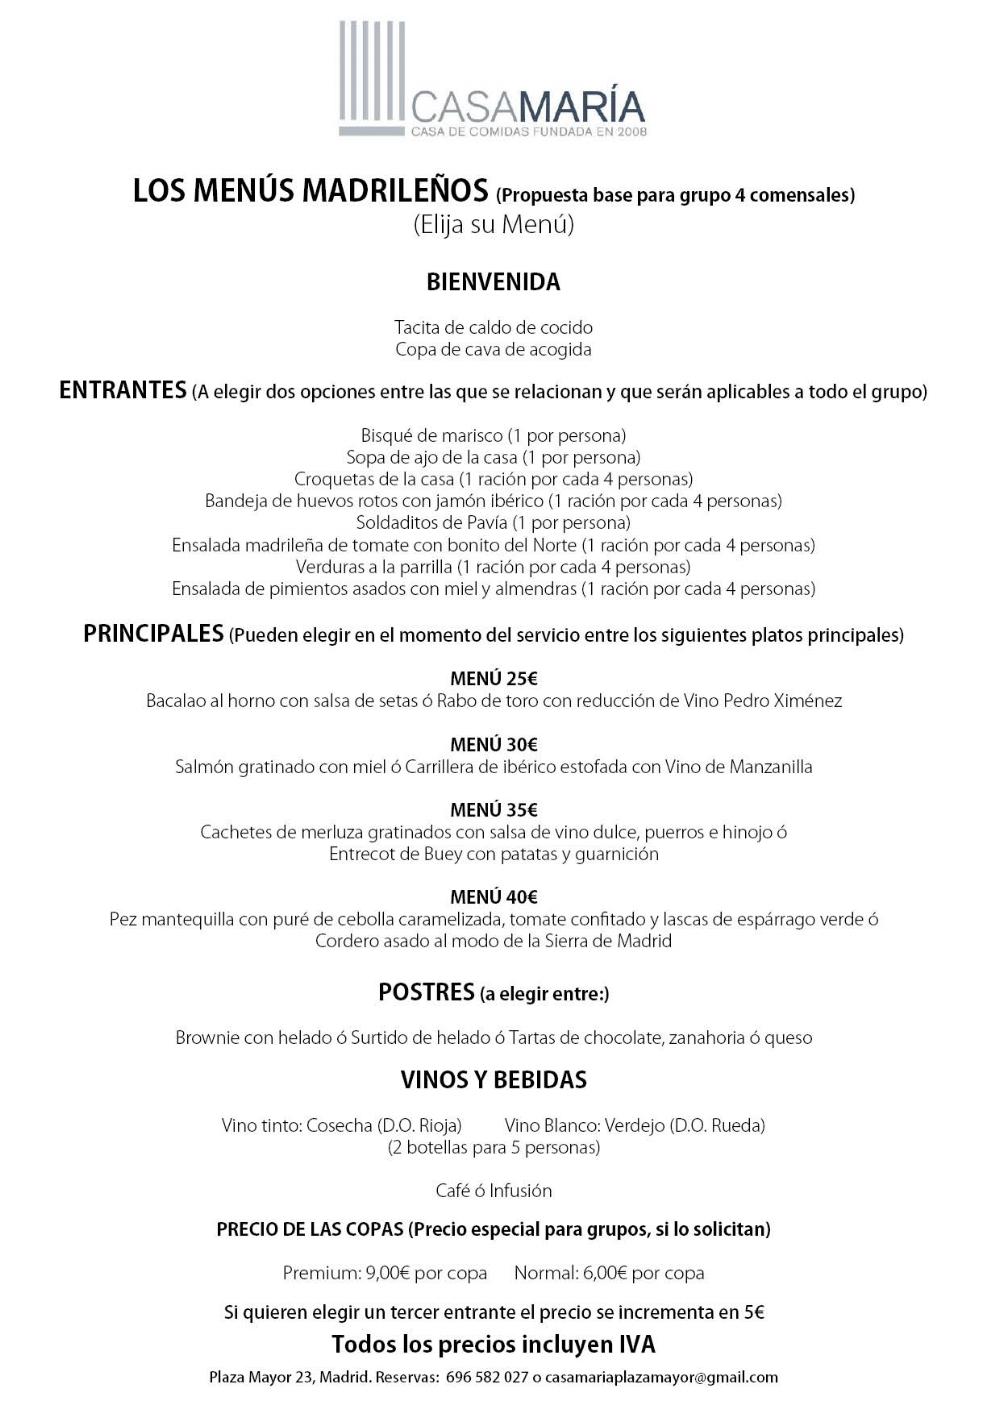 menus madrileñoso.jpg